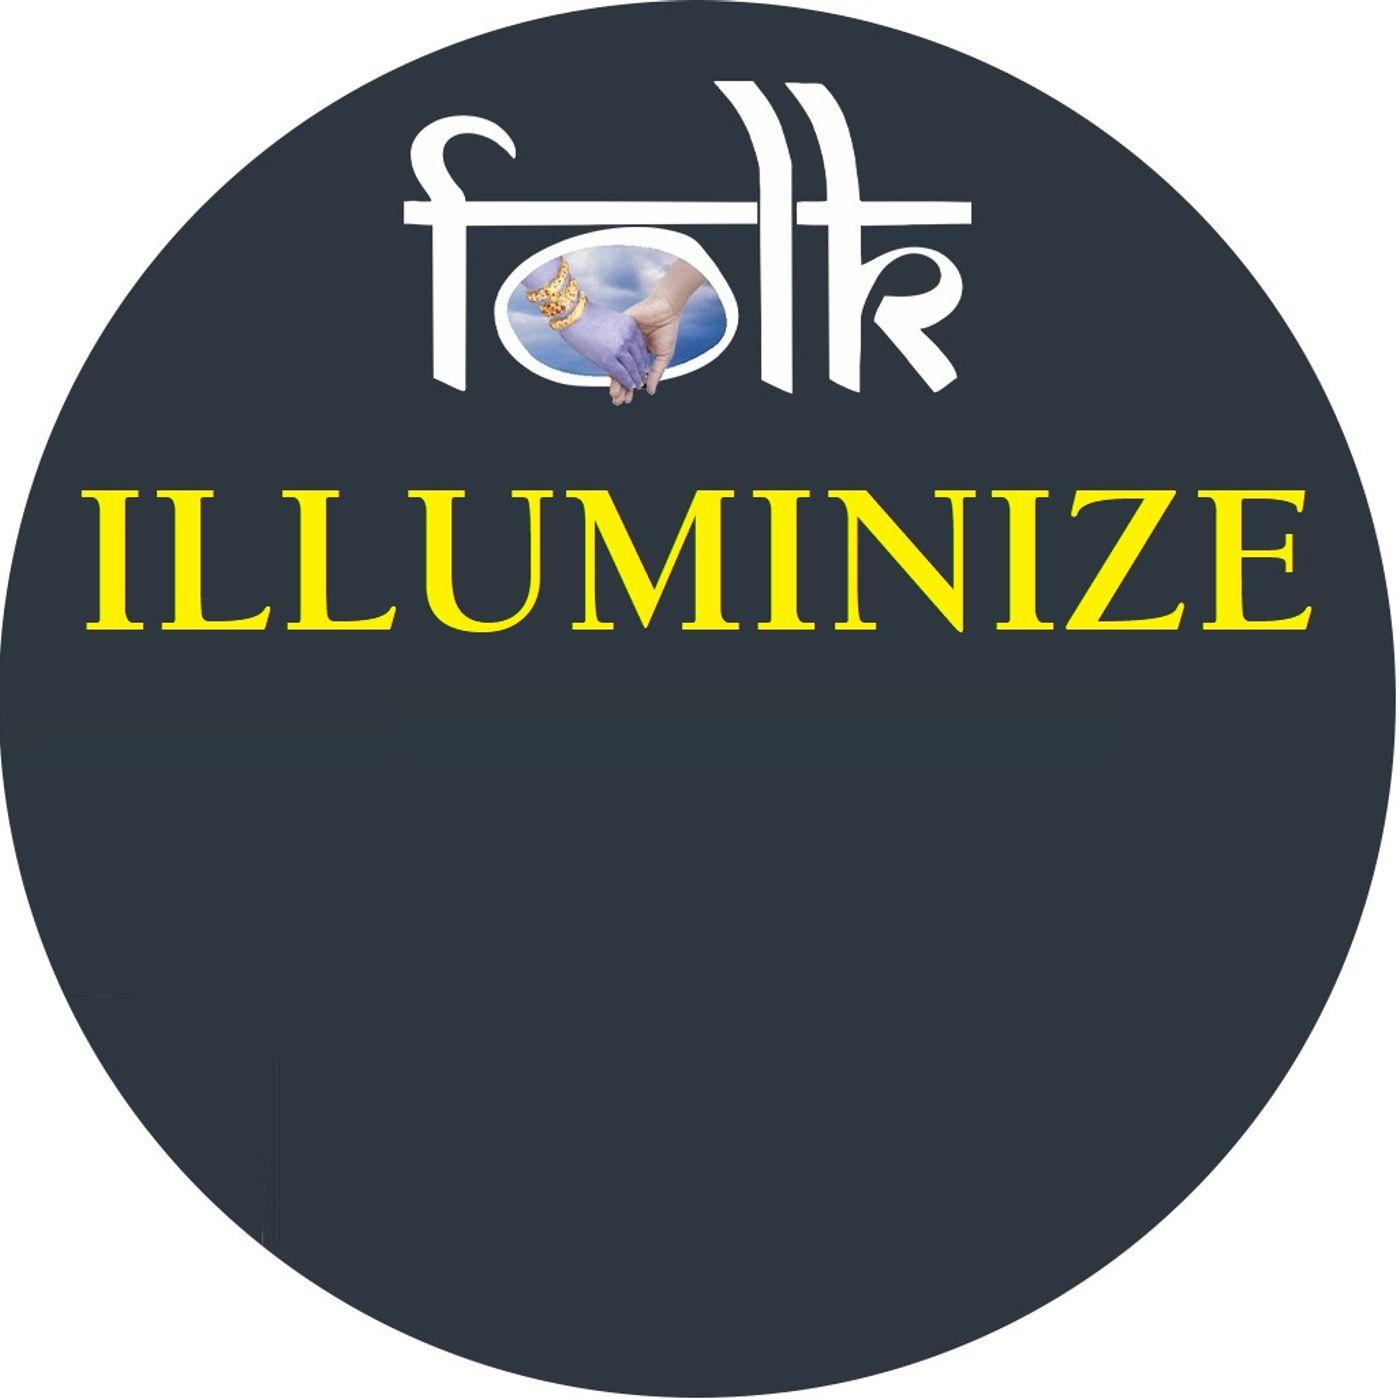 ILLUMINIZE